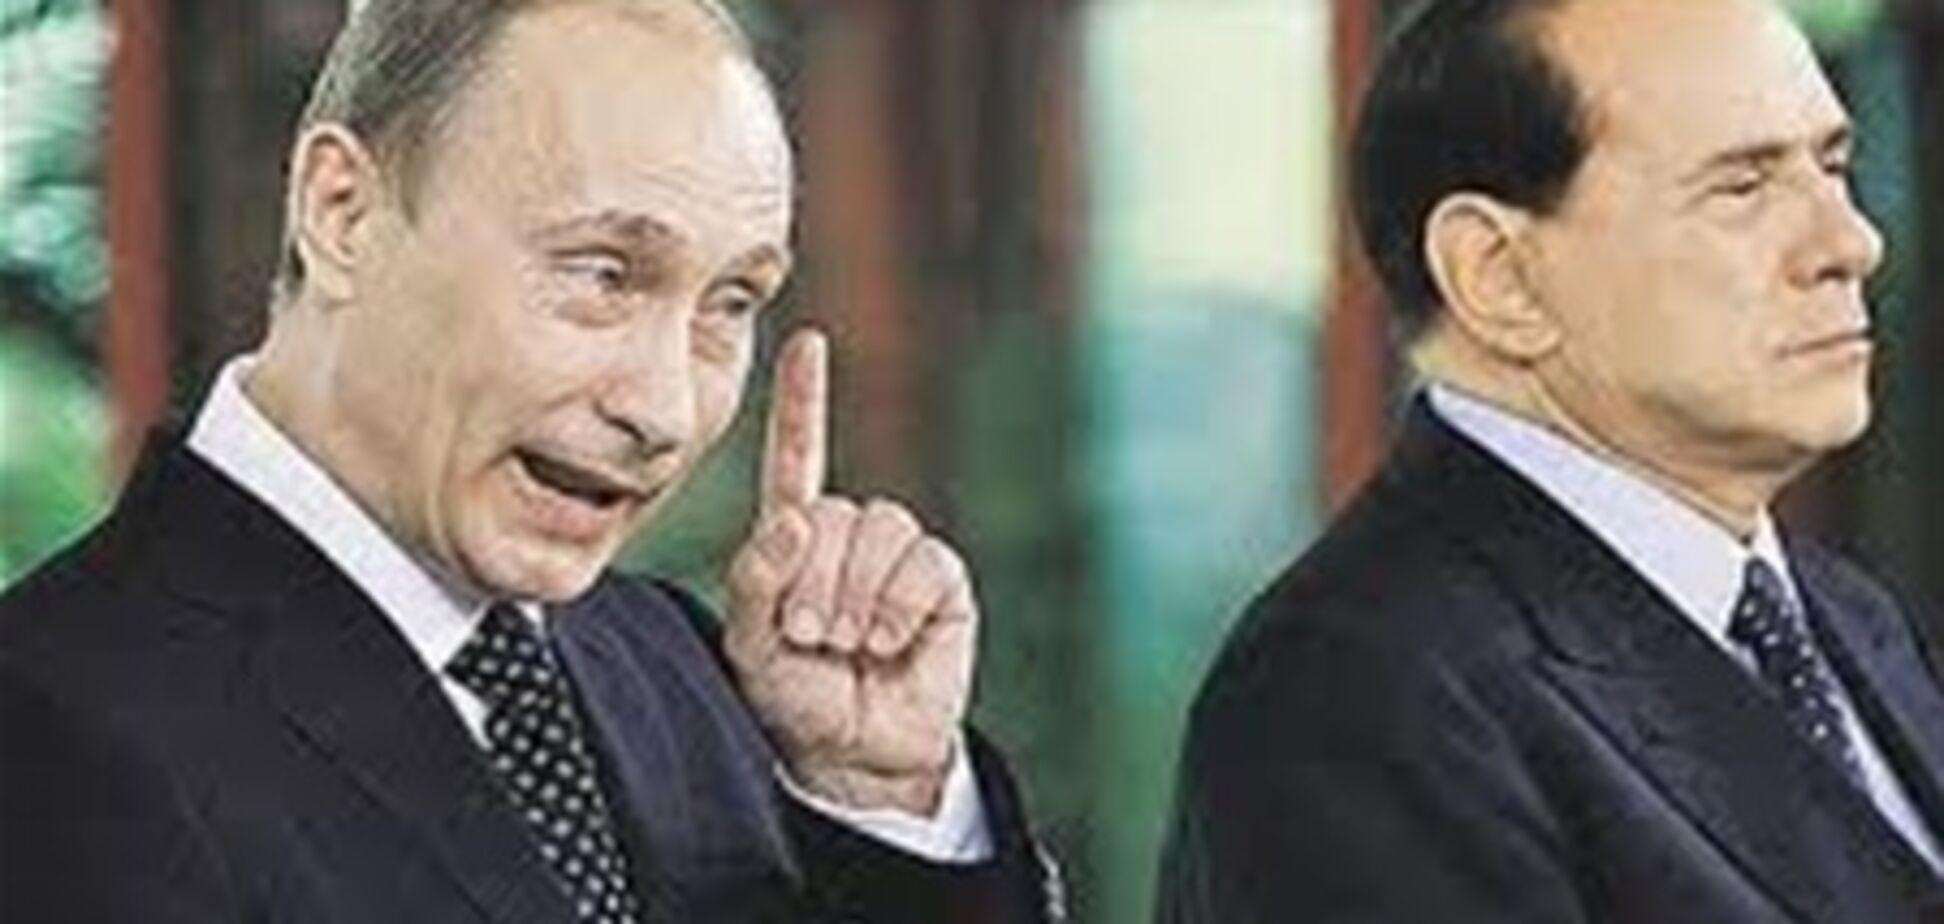 LIVE. Володимир Путін про великі іриски в Росії. ВІДЕО